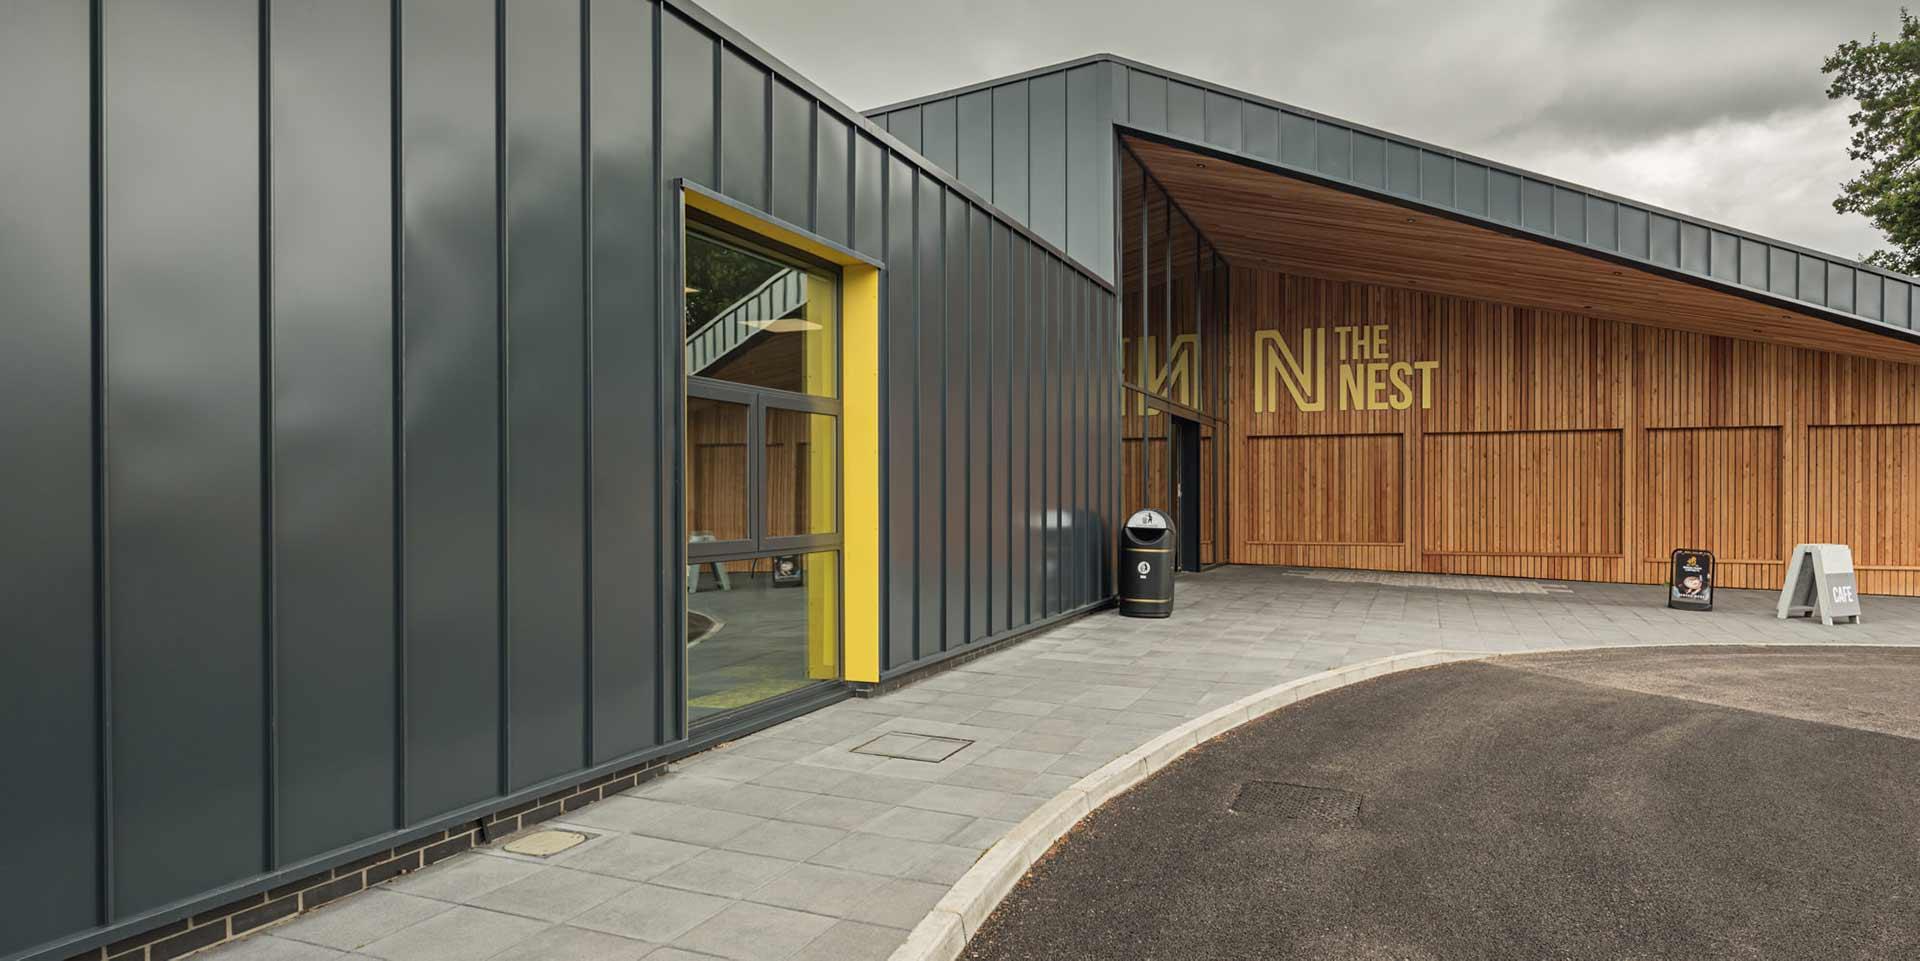 The Nest hub main entrance